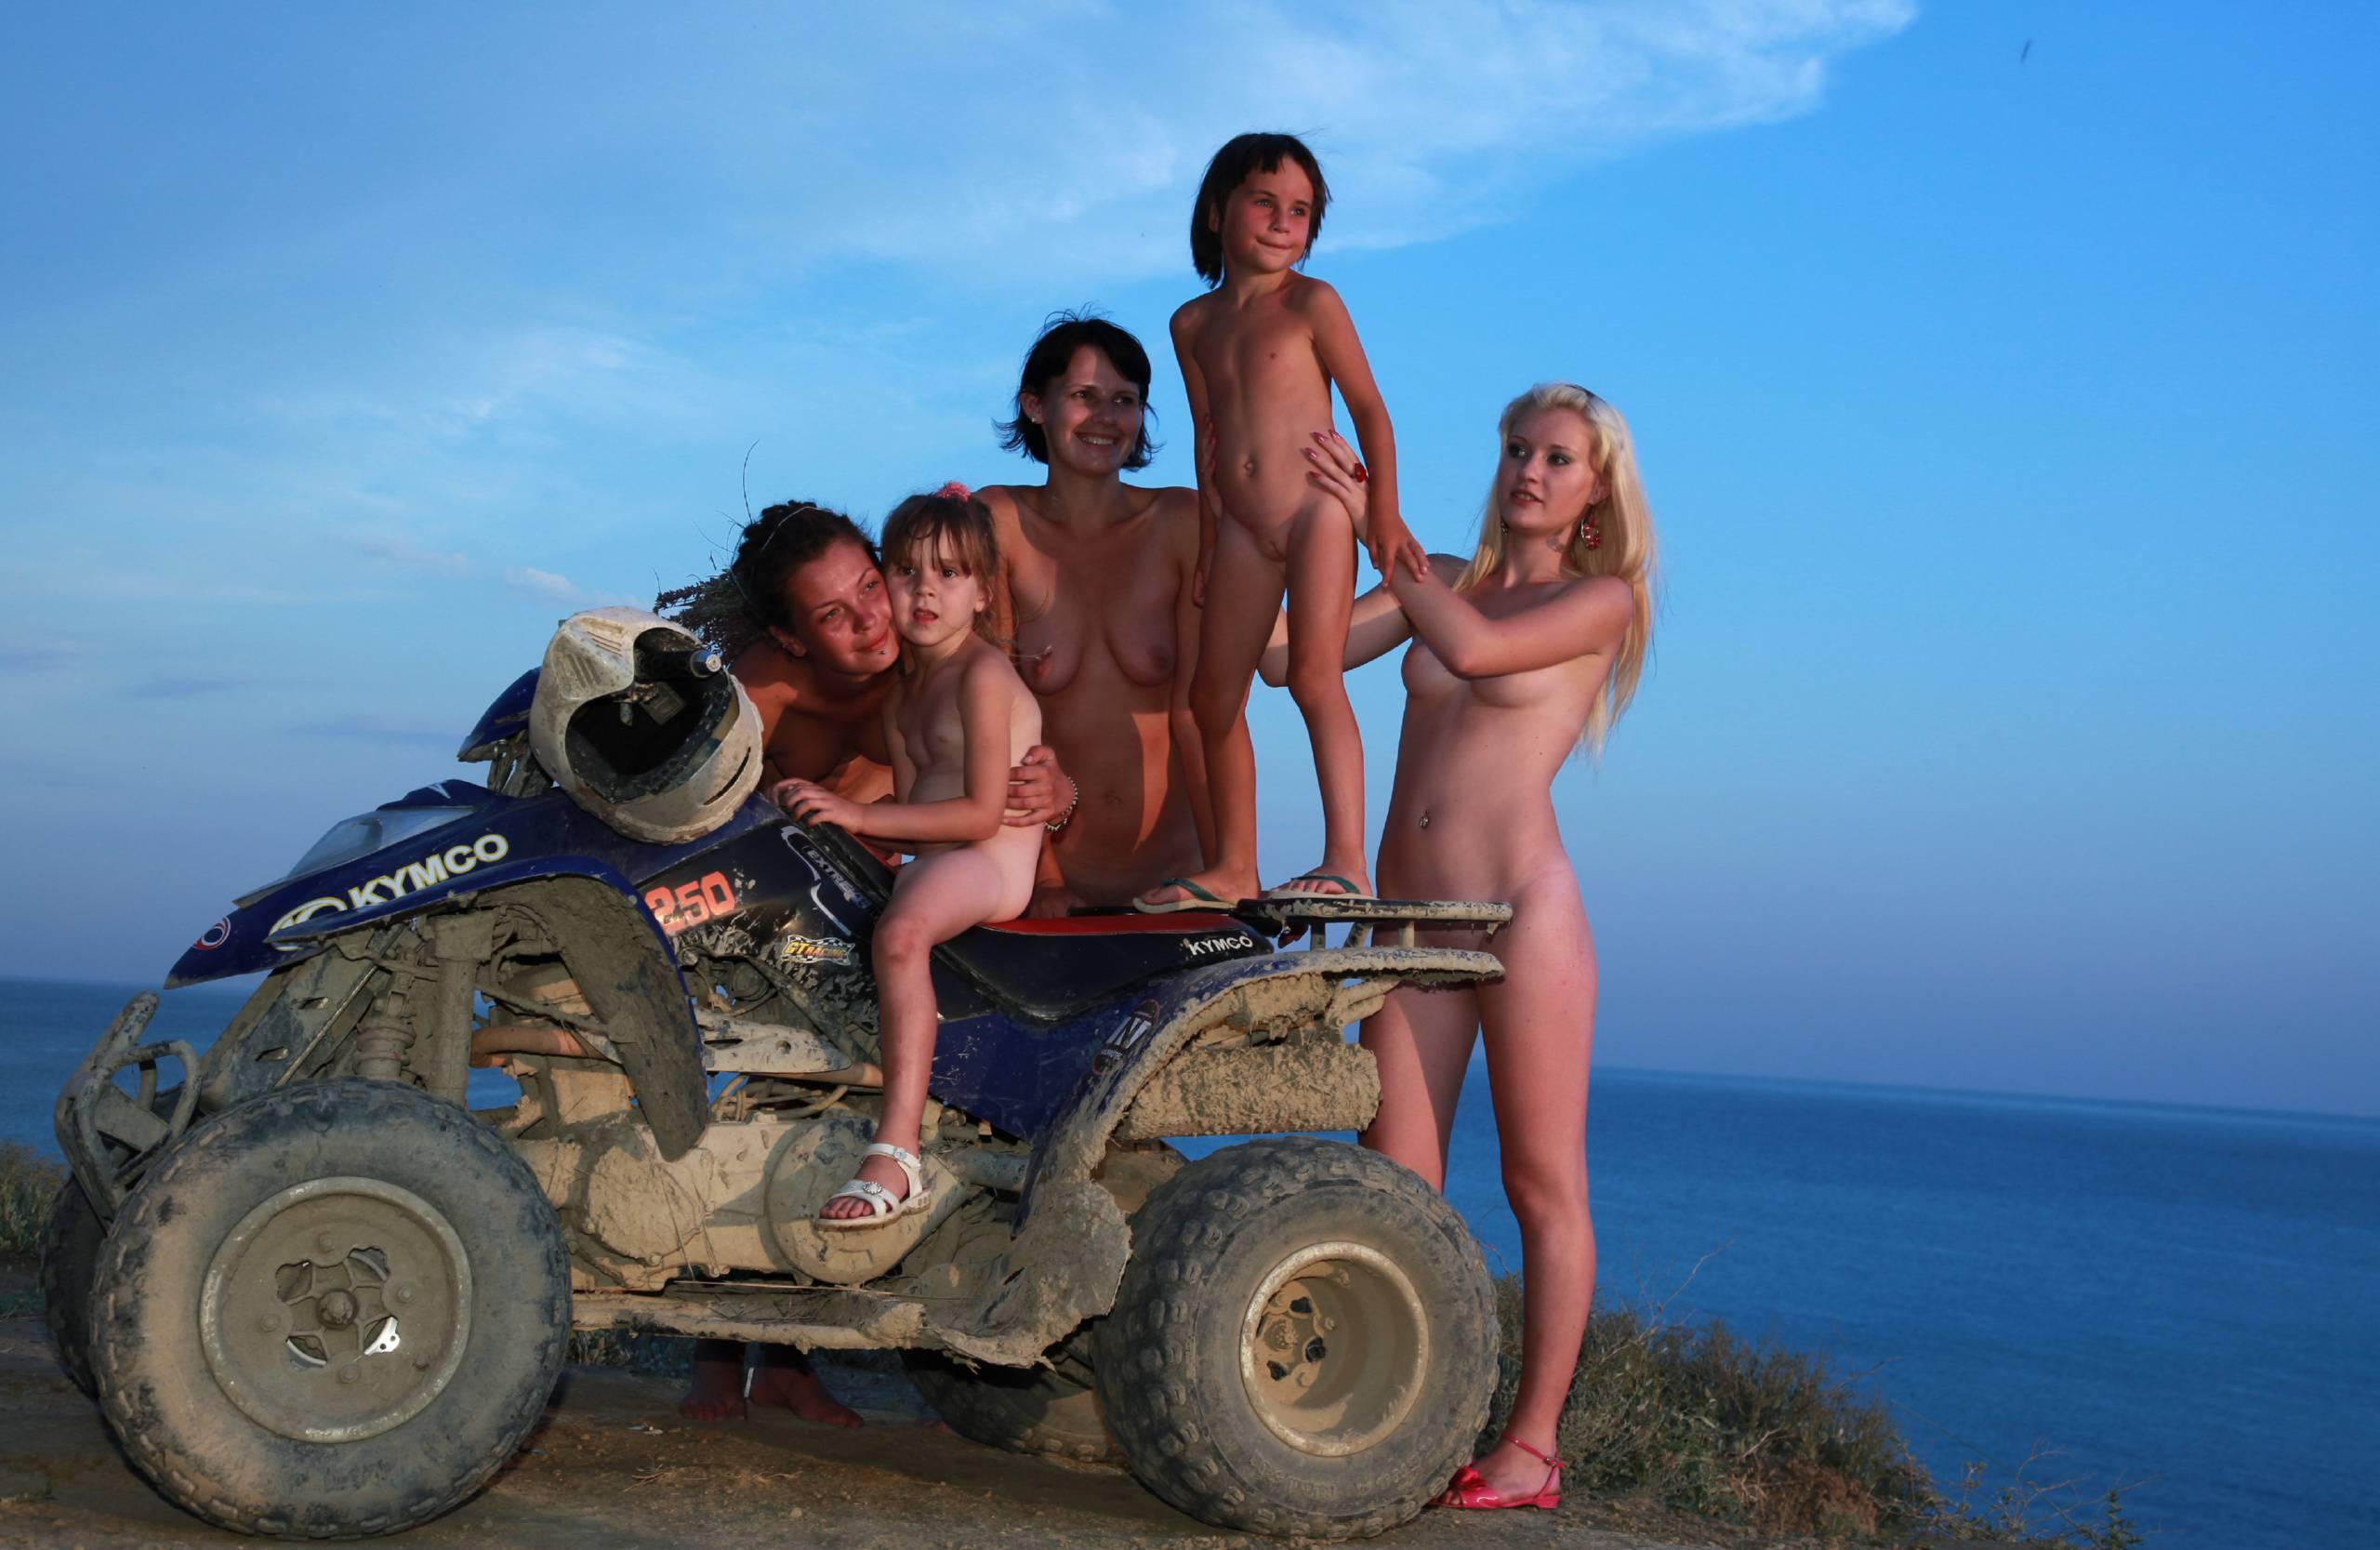 Blue Sky ATV Riding - 2